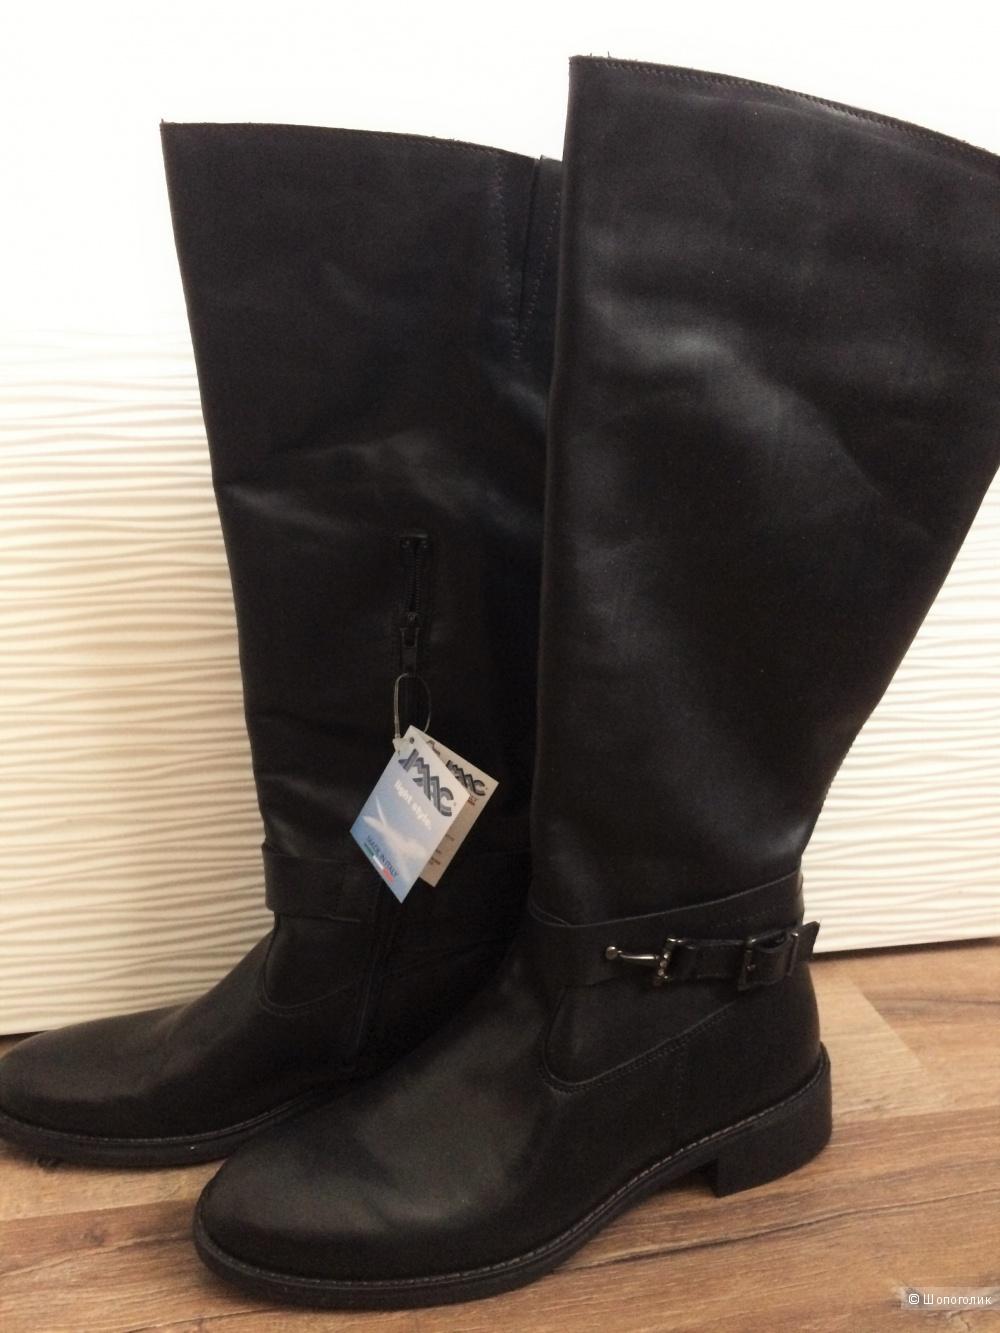 Новые деми сапоги Imac, 40-41 размер,цвет черный